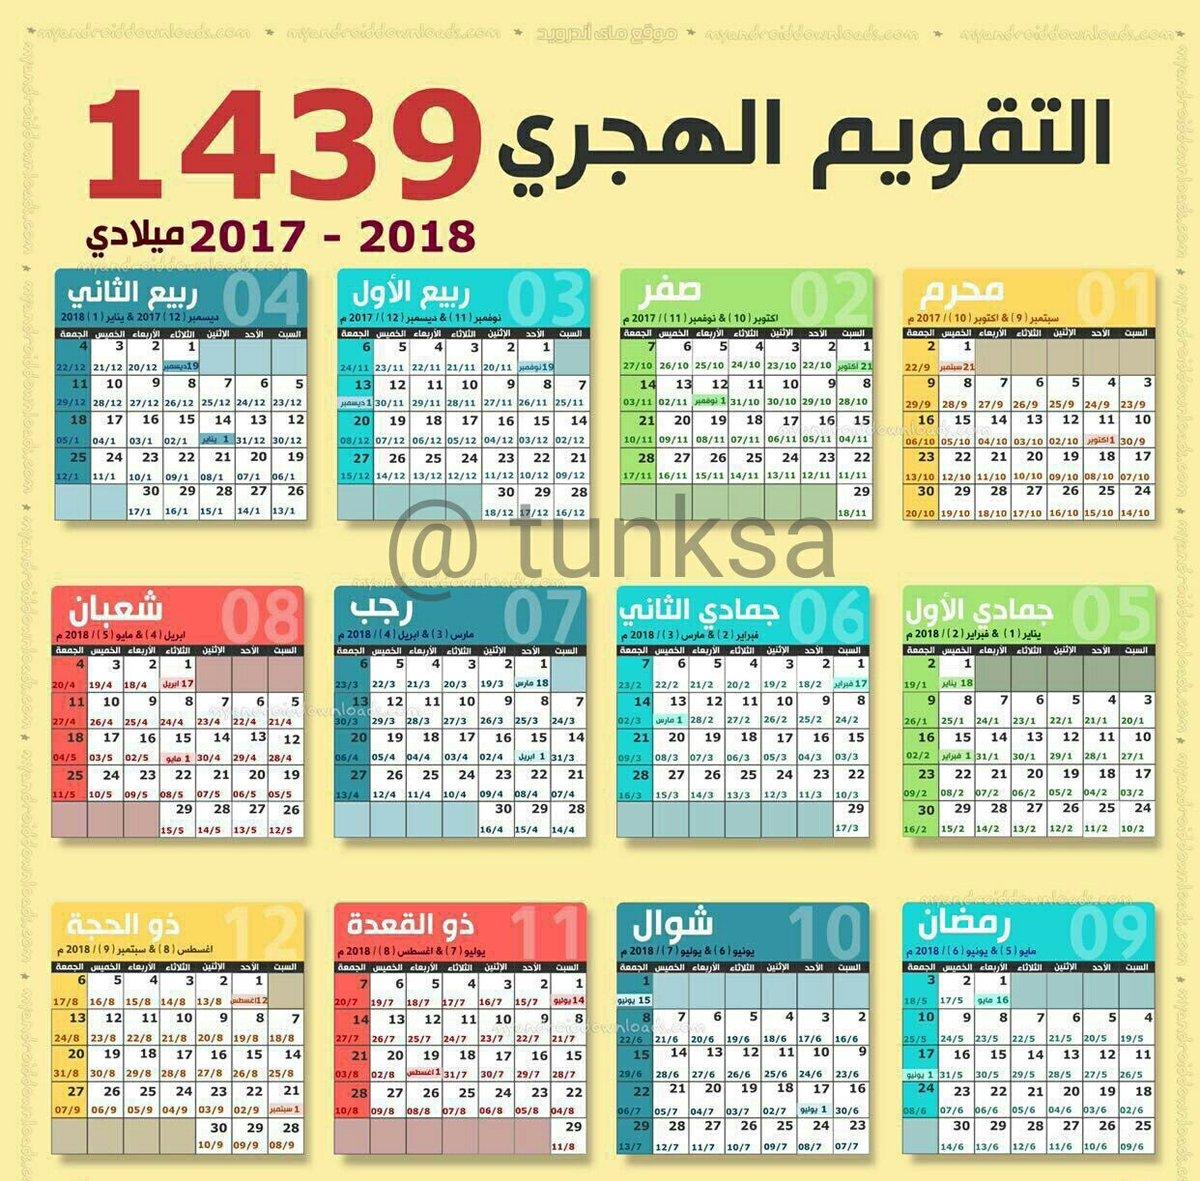 """ملتقى معلمي السعودية On Twitter: """"#التقويم_الهجري ١٤٣٩"""